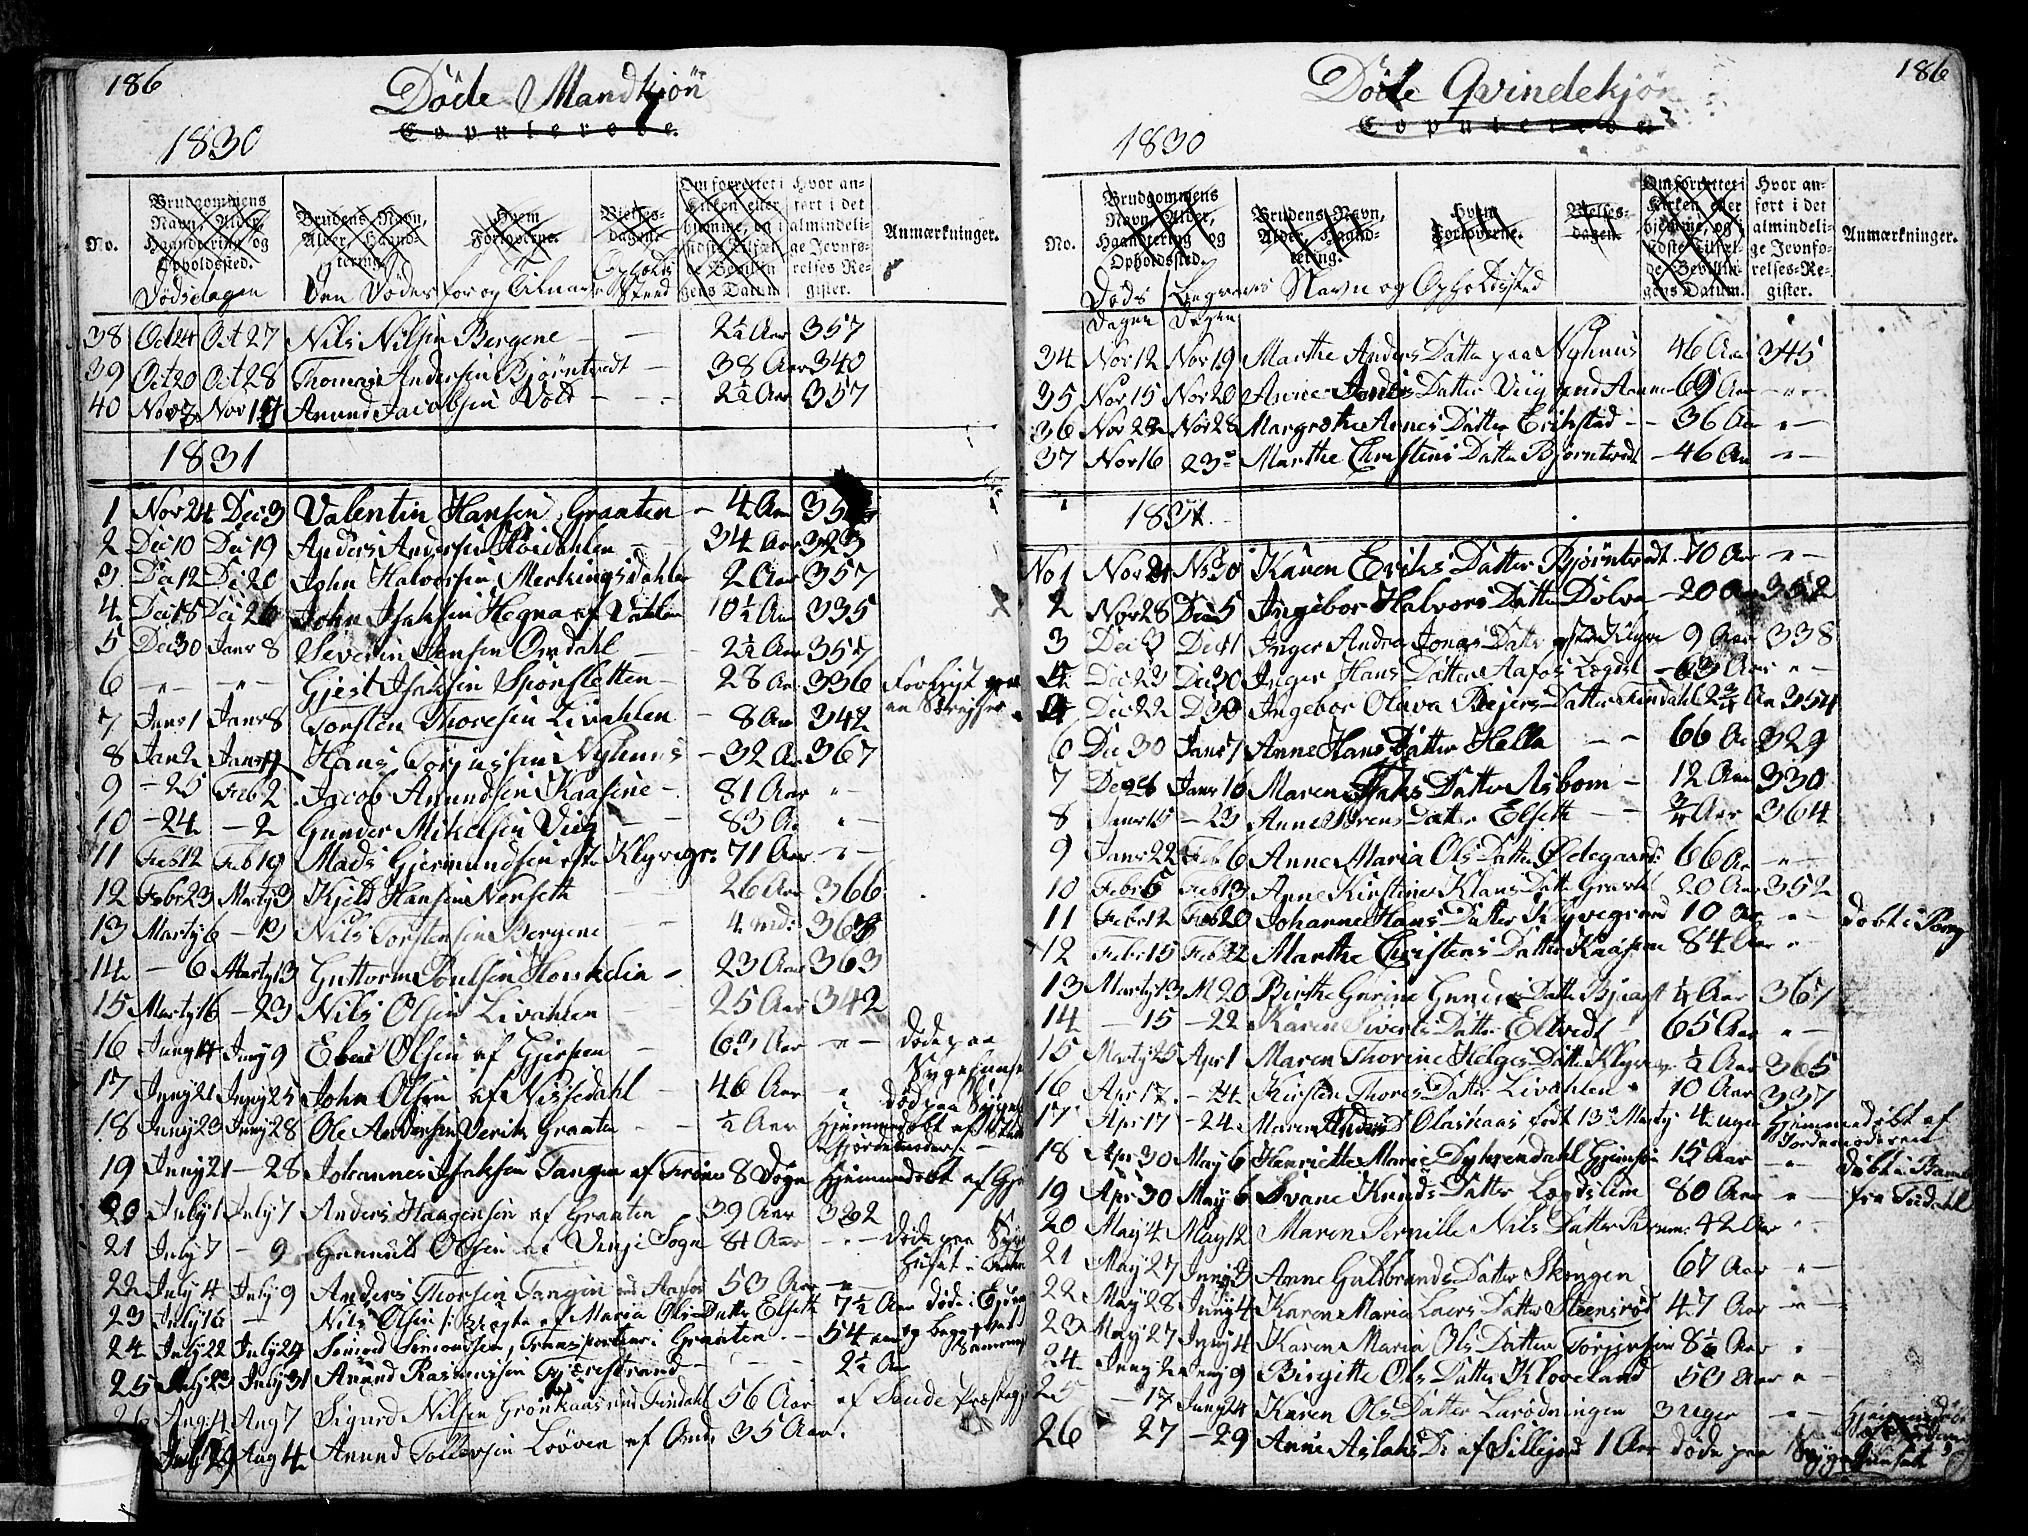 SAKO, Solum kirkebøker, G/Ga/L0001: Klokkerbok nr. I 1, 1814-1833, s. 186